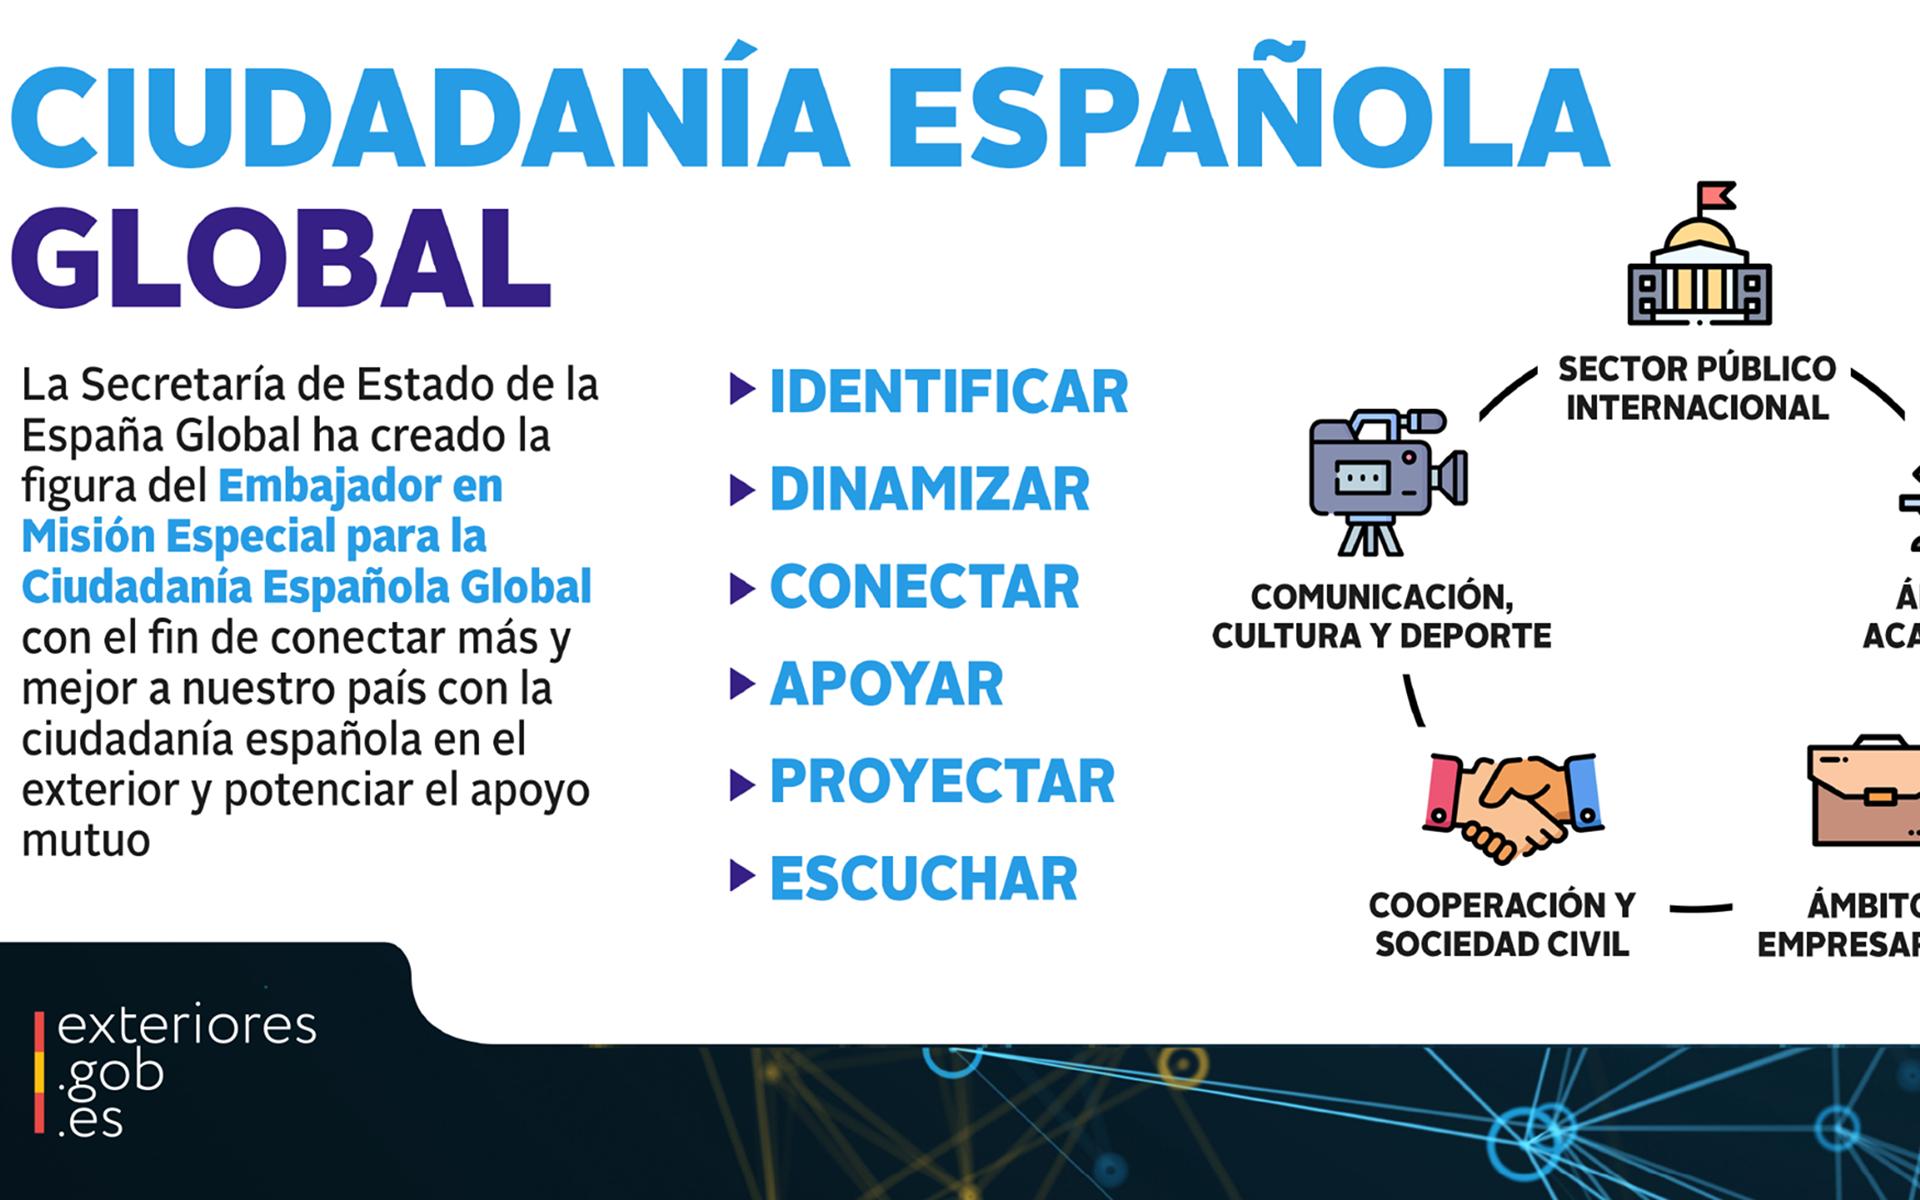 España Exteriores Talento en el mundo web